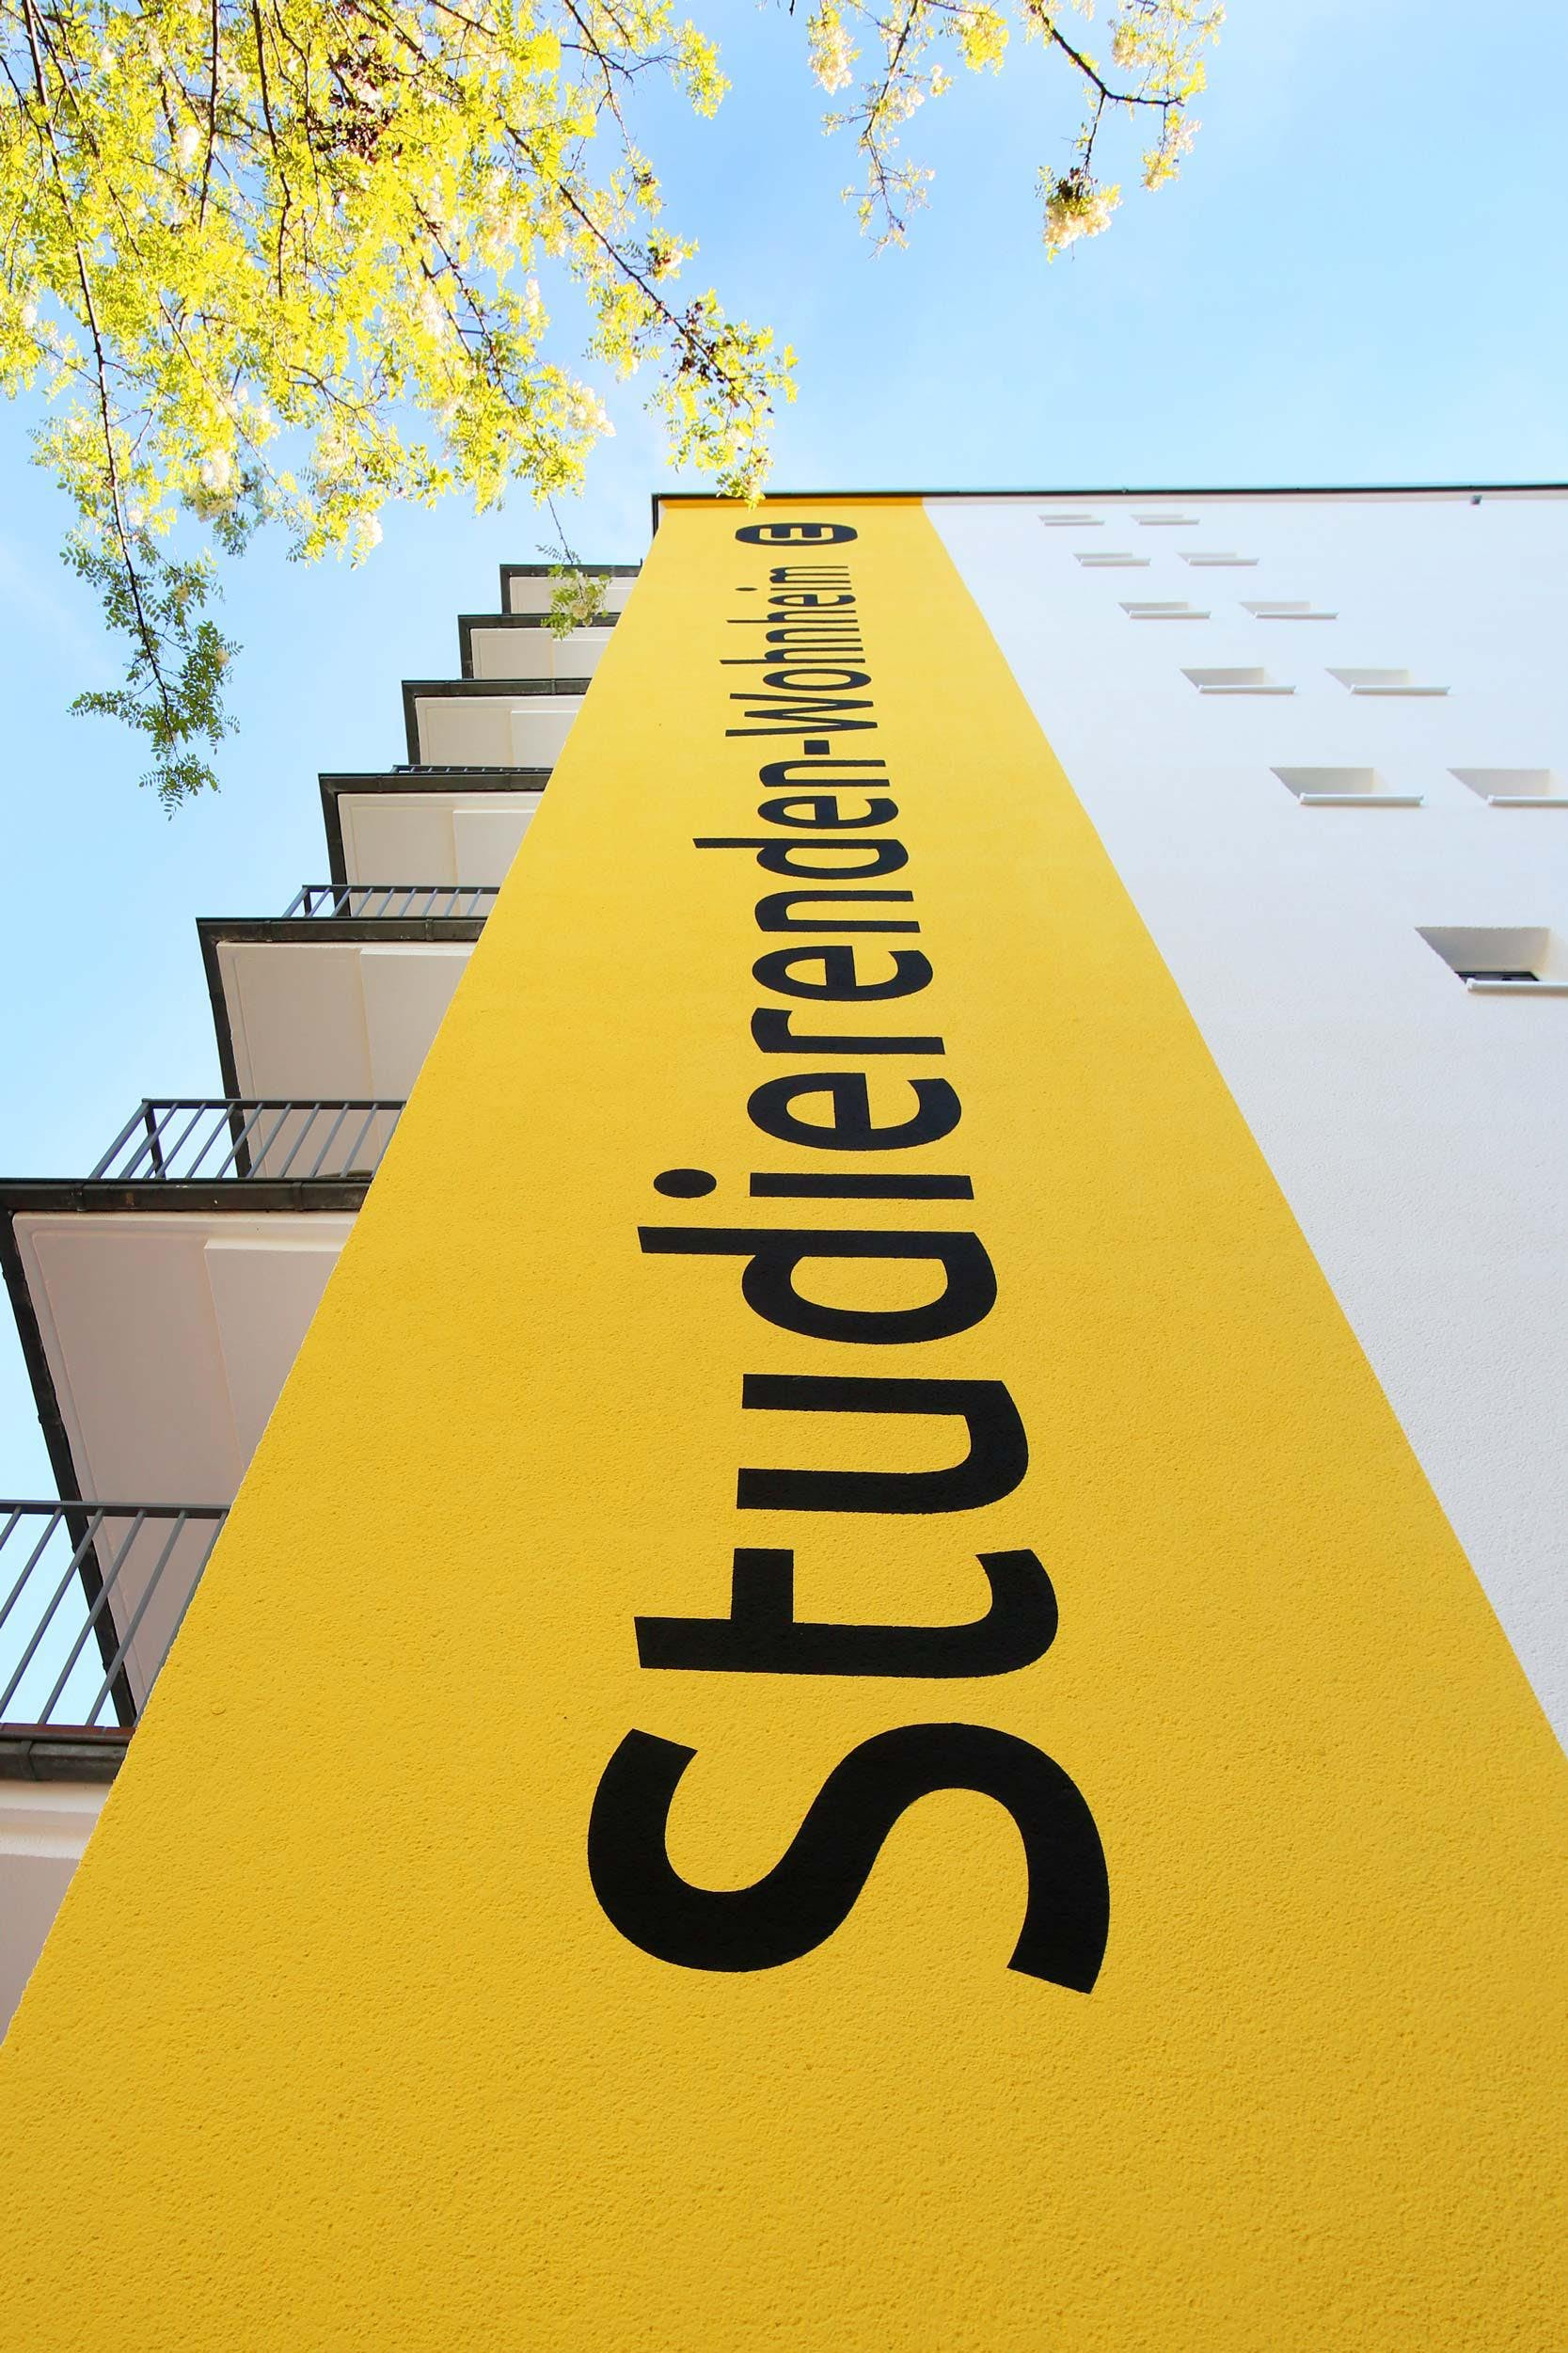 Studentenwohnheim Zollstock 55 2